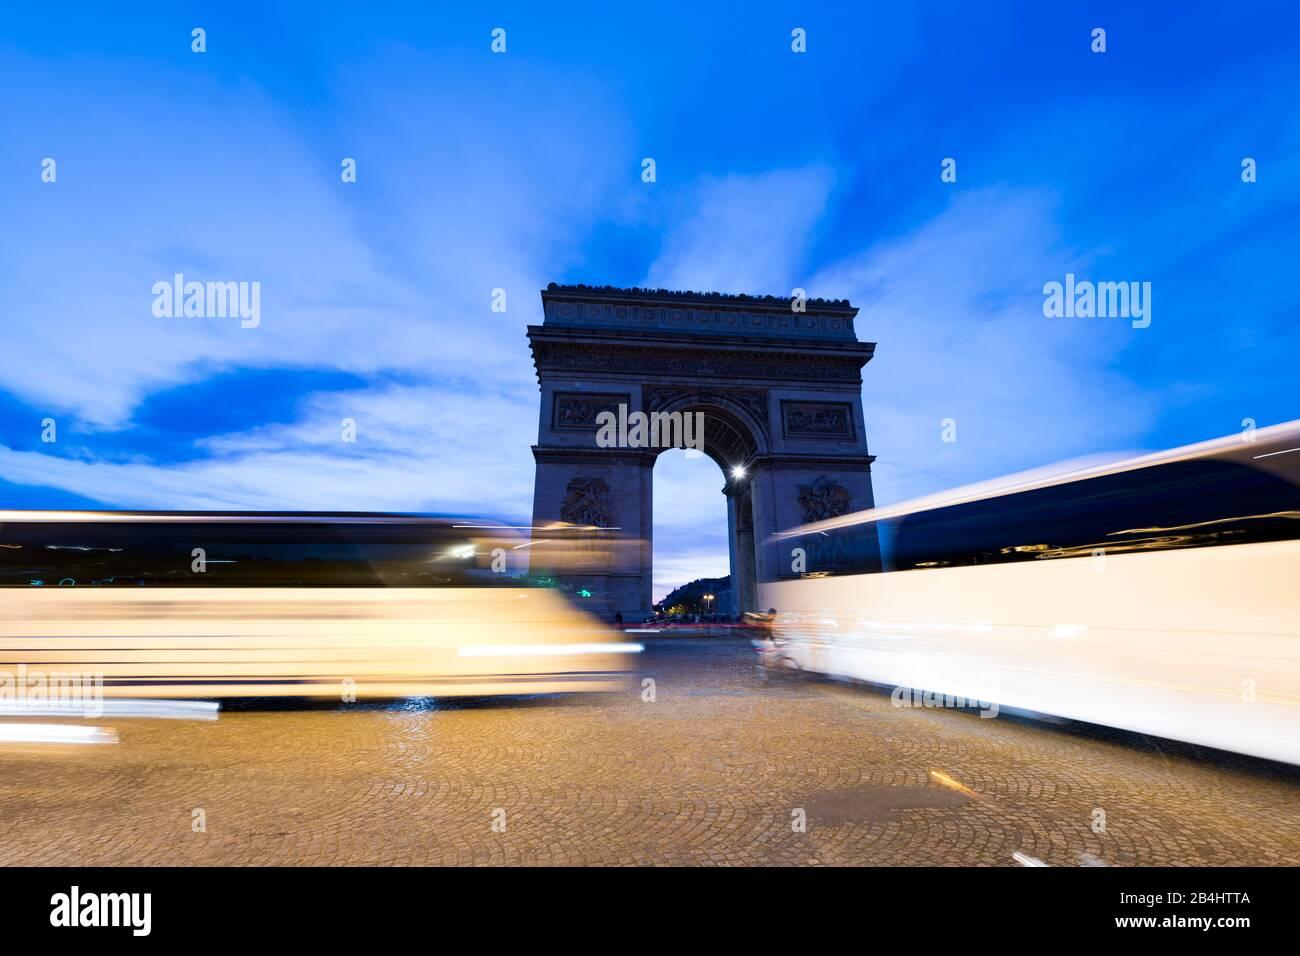 Reisebusse auf der Place Charles de Gaulle und der Triumpfbogen bei Abenddämmerung, Paris, Frankreich, Europa Stock Photo